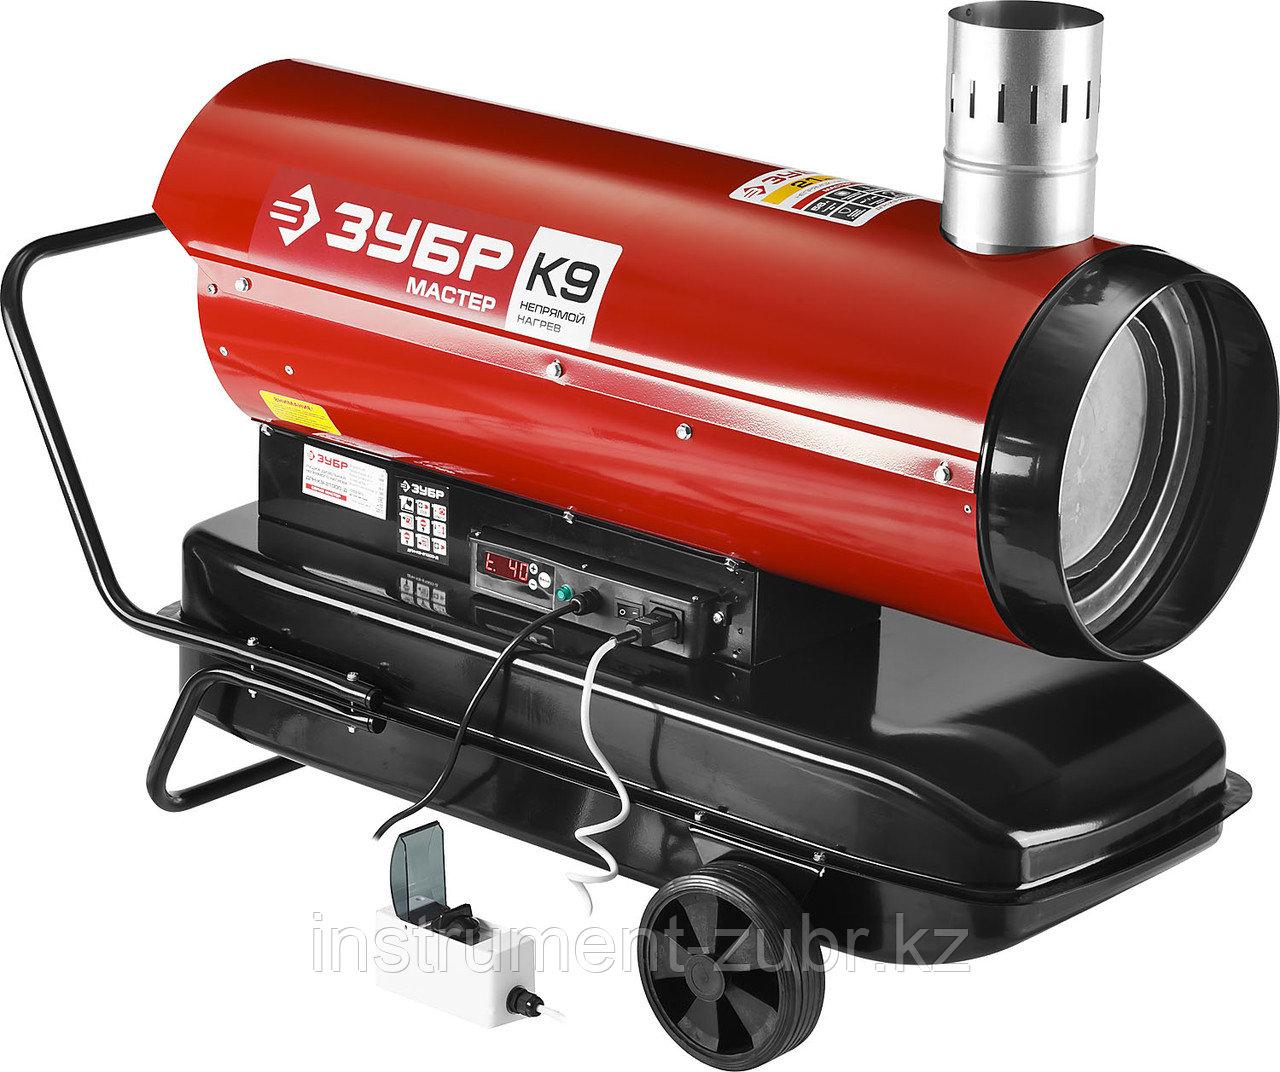 Пушка дизельная тепловая, ЗУБР ДПН-К9-21000-Д, 220 В, 21 кВт, 1000 м.куб/час, 55.5 л, 1.7 кг/ч, дисплей, подкл. внешн термост, датчик уровня топлива